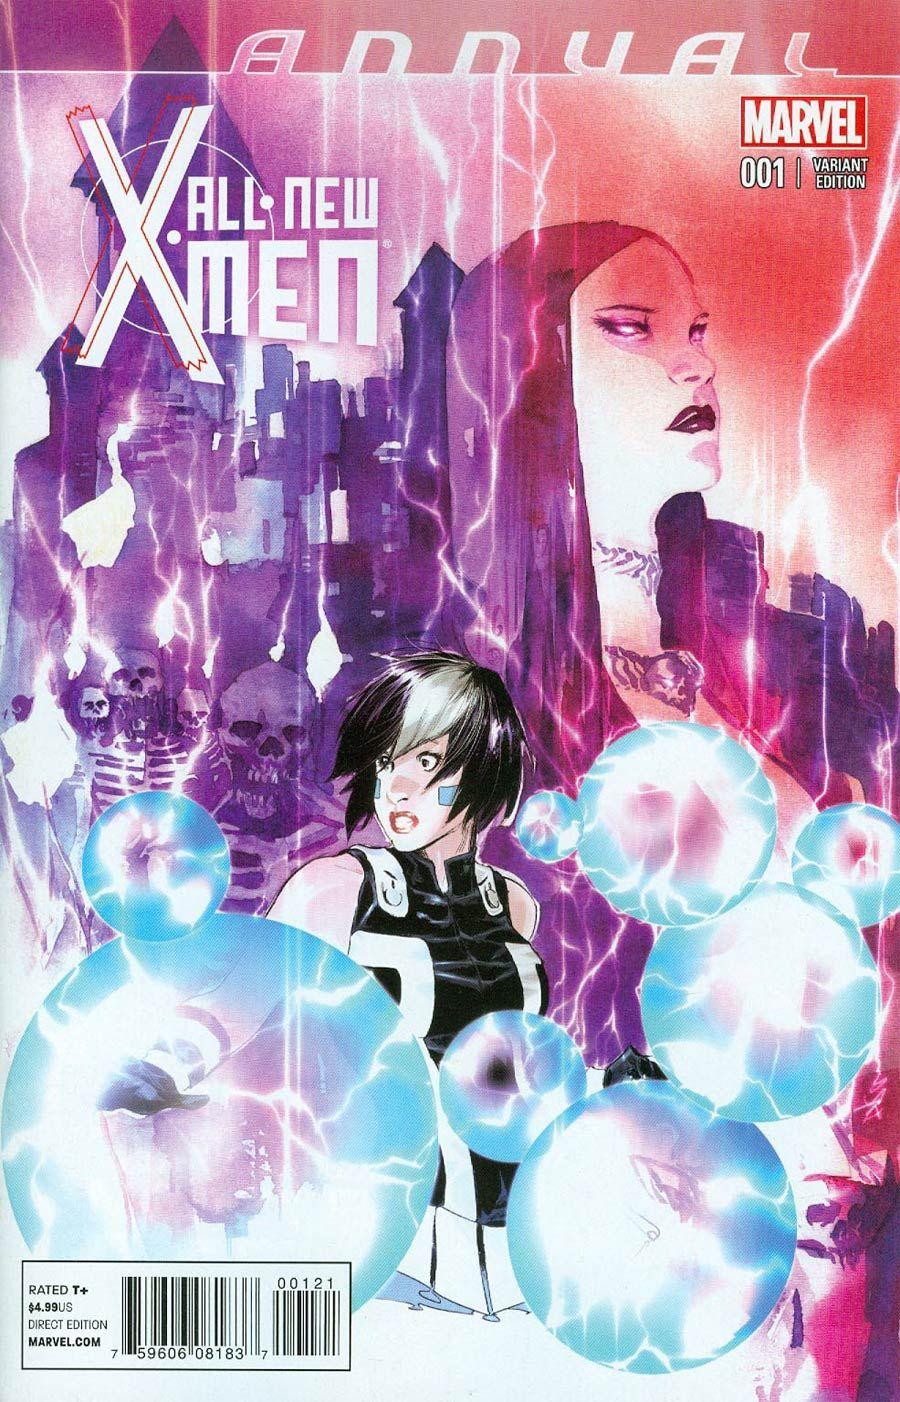 All New X Men Annual 1 Cover B Variant Dustin Nguyen Cover Secret Life Of Eva Bell Part 2 Midtown Comics X Men Marvel